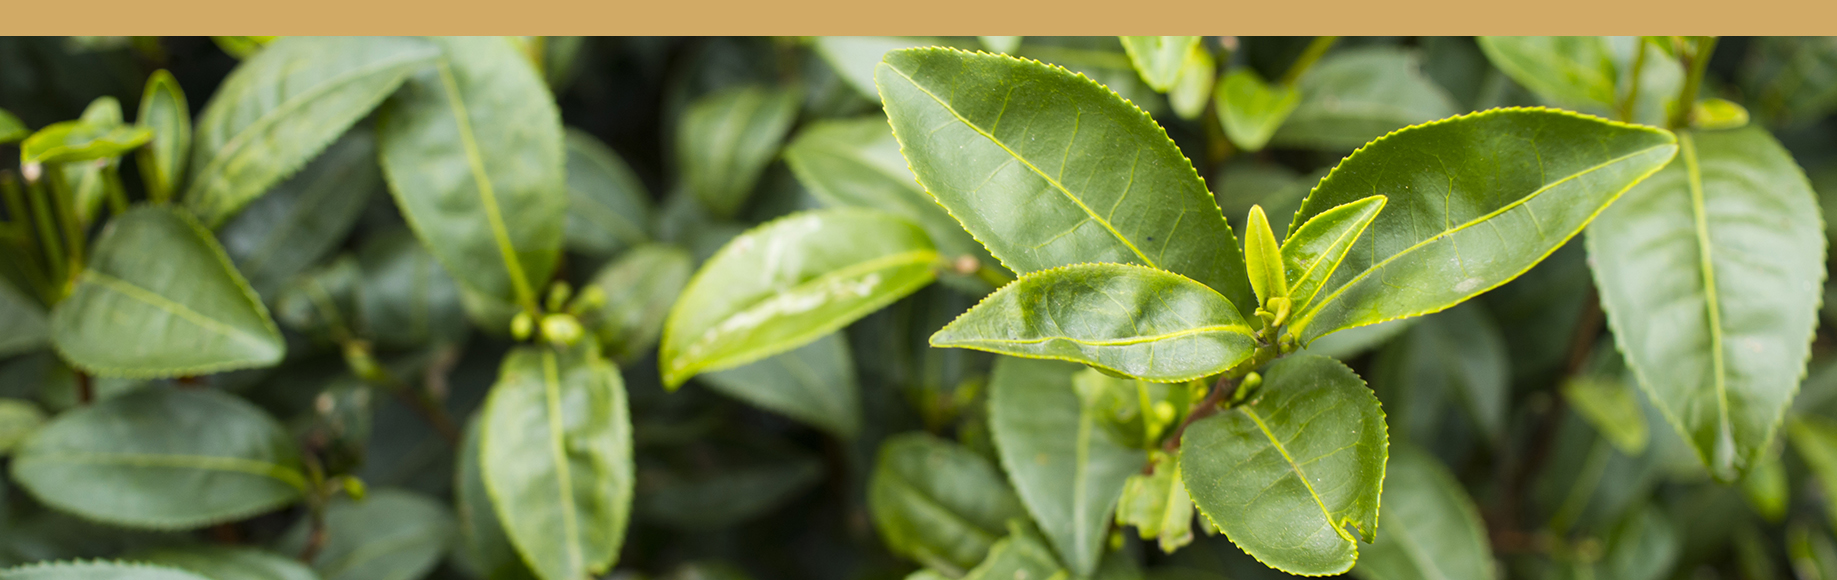 hojas de té oolong